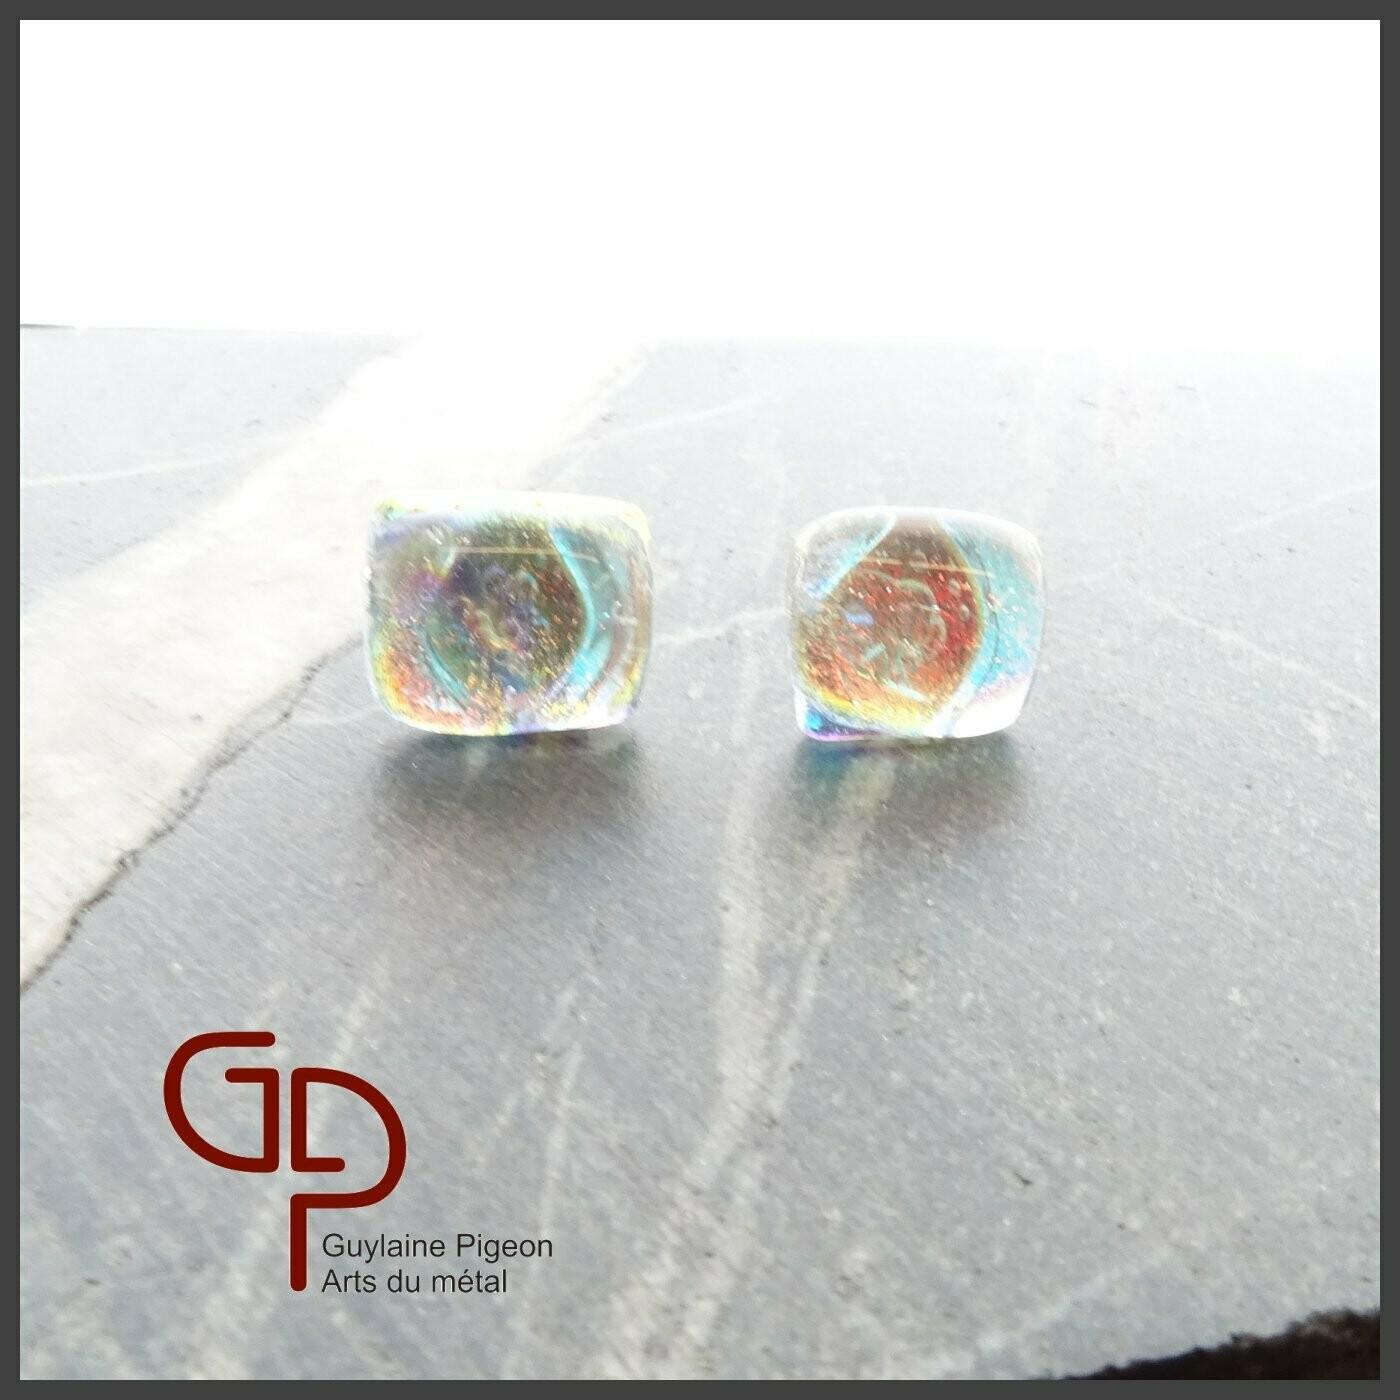 Boucles d'oreilles verre #21